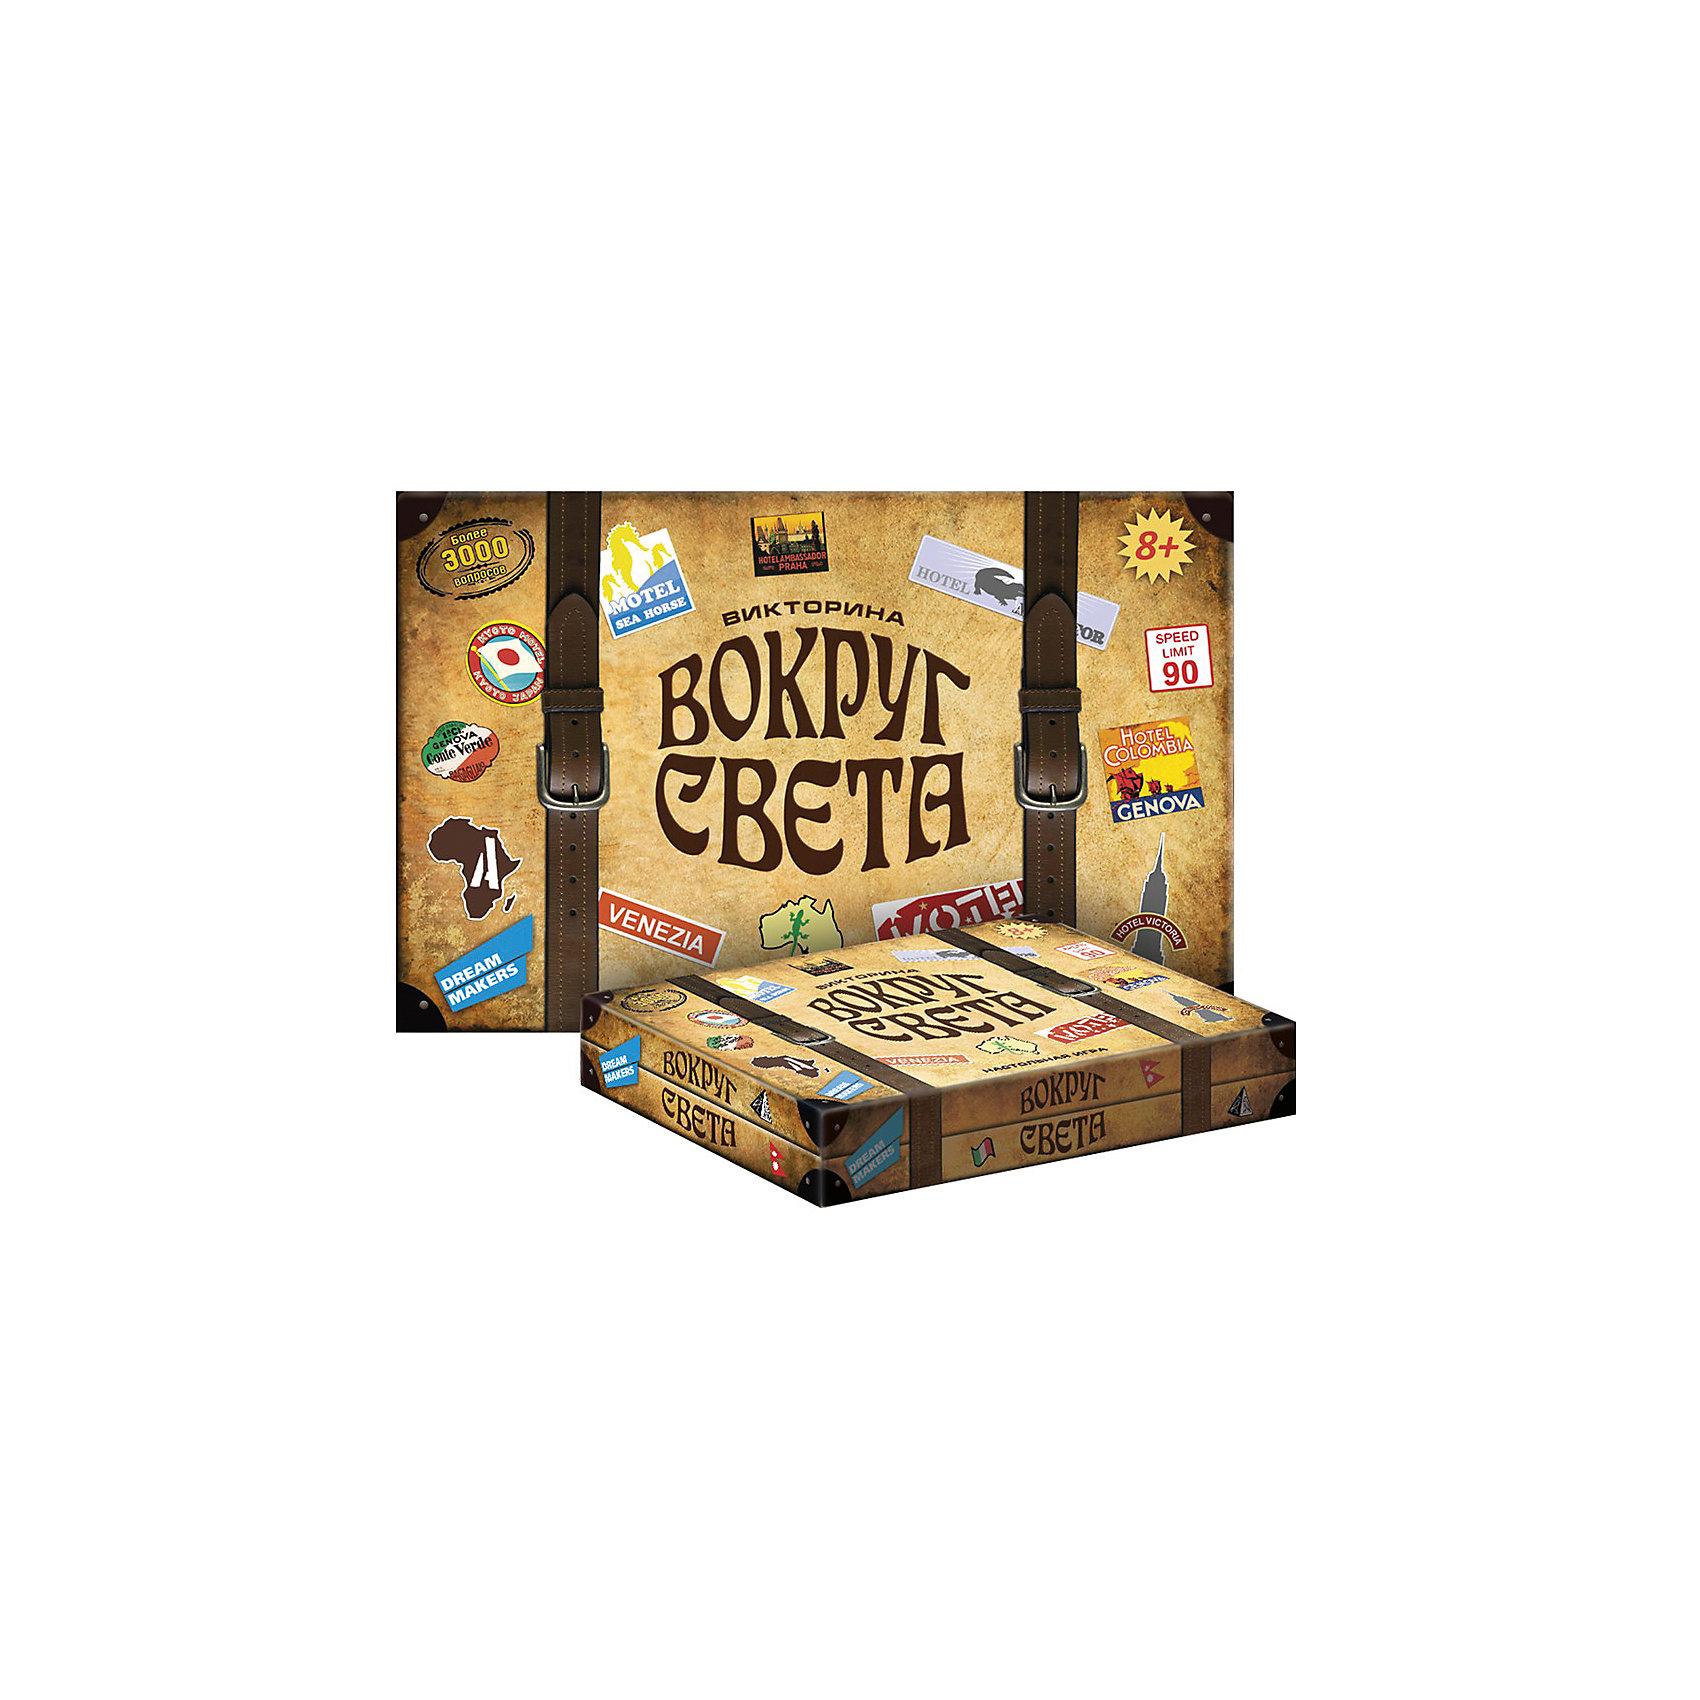 Настольная игра Вокруг света Dream makersНастольные игры для всей семьи<br>Характеристики товара:<br><br>• возраст: от 8 лет;<br>• в комплекте: игровое поле, карточки стран 81 шт., карточки вопросов 567 шт., деревянные чемоданчики 8 шт., денежные купоны 130 шт., игральные кубики 2 шт., линейка, инструкция;<br>• количество игроков: 2-4;<br>• время игры: 60 мин.;<br>• из чего сделана игрушка (состав): картон, бумага, дерево, пластик;<br>• вес: 1,74 кг.;<br>• размер упаковки: 36х23,5х5,5 см;<br>• размер игрового поля: 59.5х35 см;<br>• размер карточки стран: 16.8х11.9 см;<br>• размер карточки вопросов: 9х6.5 см;<br>• размер деревянного чемоданчика: 1.8х1.5 см;<br>• размер денежного купона: 8.5х4.2 см;<br>• размер кубика: 1.5х1.5 см;<br>• размер линейки: 19.5х3 см;<br>• страна производитель: Россия.<br><br>Игра «Вокруг света»  создана специально для любознательных! Для тех, кто любит путешествия, новые открытия и впечатления. Благодаря ей вы сможете побывать в 81 стране мира и узнать о них много нового и неожиданного. А чтобы путешествие было еще интереснее, мы предлагаем вам посоревноваться с вашими единомышленниками: кто же быстрее всех сможет объехать Землю и побывать мимнимум в 10 государствах? <br><br>Для перемещения и проживания Вам понадобяться деньги, которые вы будете получать за правильные ответы на вопросы или же за честный труд, причем профессия и оклад зависят от страны пребывания. В процессе игры игроки будут узнавать все больше и больше о других странах, об их культуре, истории, экономике. А красочные фотографии и важная статистичесткая информация сделают ваши впечатления максимально полными.<br><br>Так ребенок учиться находить выход из сложных и не очень ситуаций, развивается адаптивность к окружающей среде. С точки зрения поведенческой психологии - это очень полезное увлечение.  <br><br>Детскую настольную игру «Вокруг света» можно купить в нашем интернет-магазине.<br><br>Ширина мм: 360<br>Глубина мм: 235<br>Высота мм: 55<br>Вес г: 1740<br>Возраст от меся